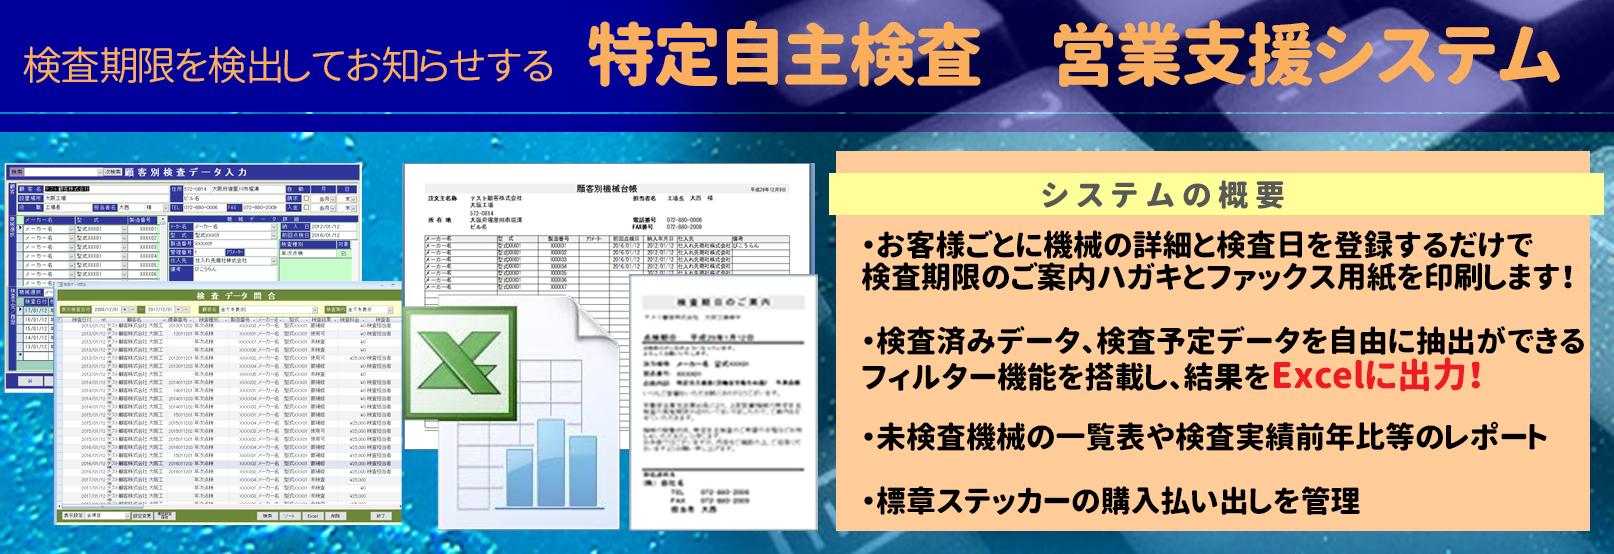 特定自主検査 営業支援システム